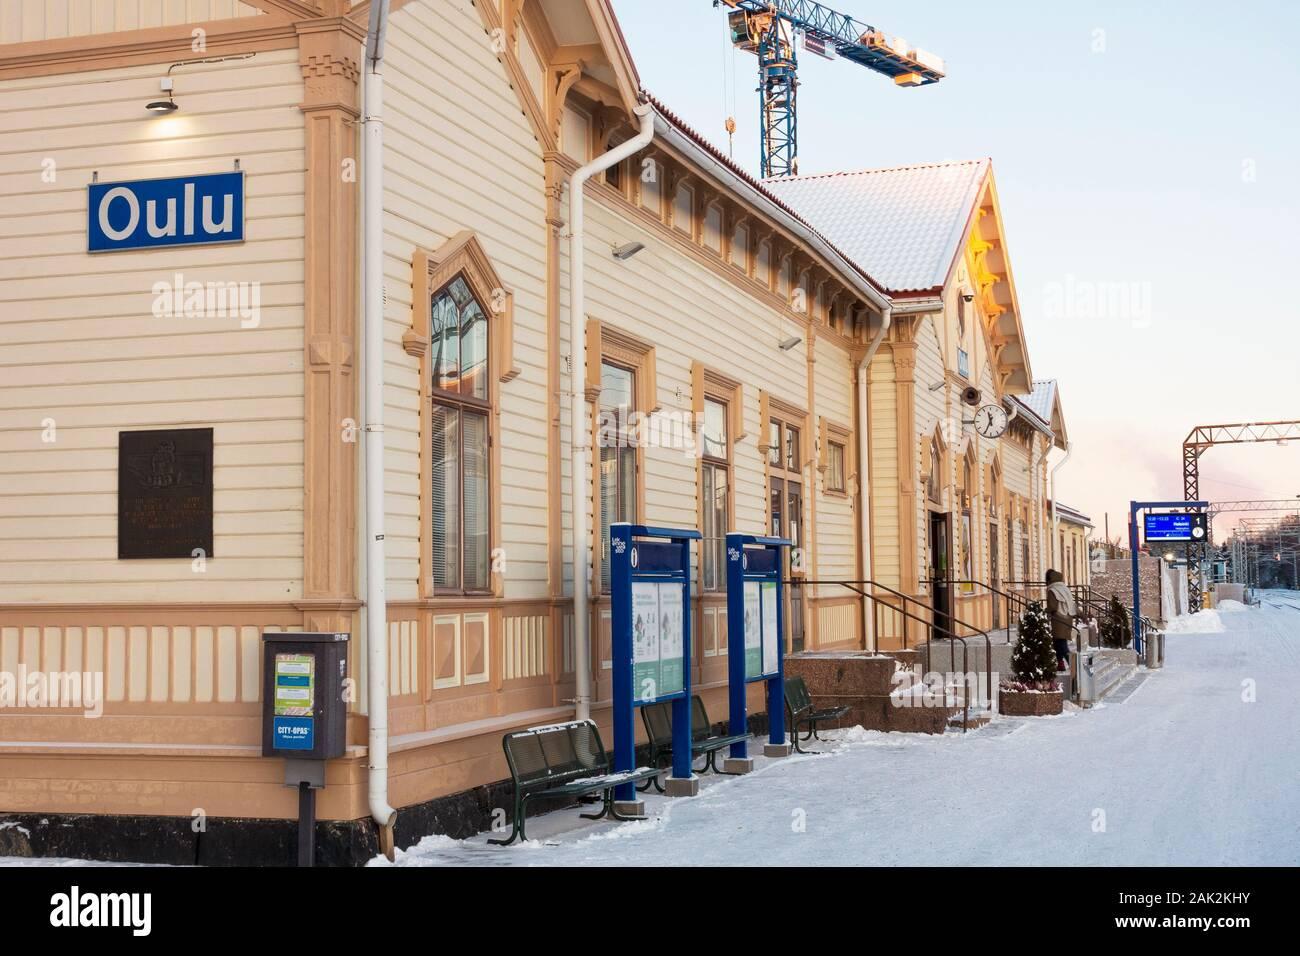 Oulu railway station in winter in Oulu Finland Stock Photo